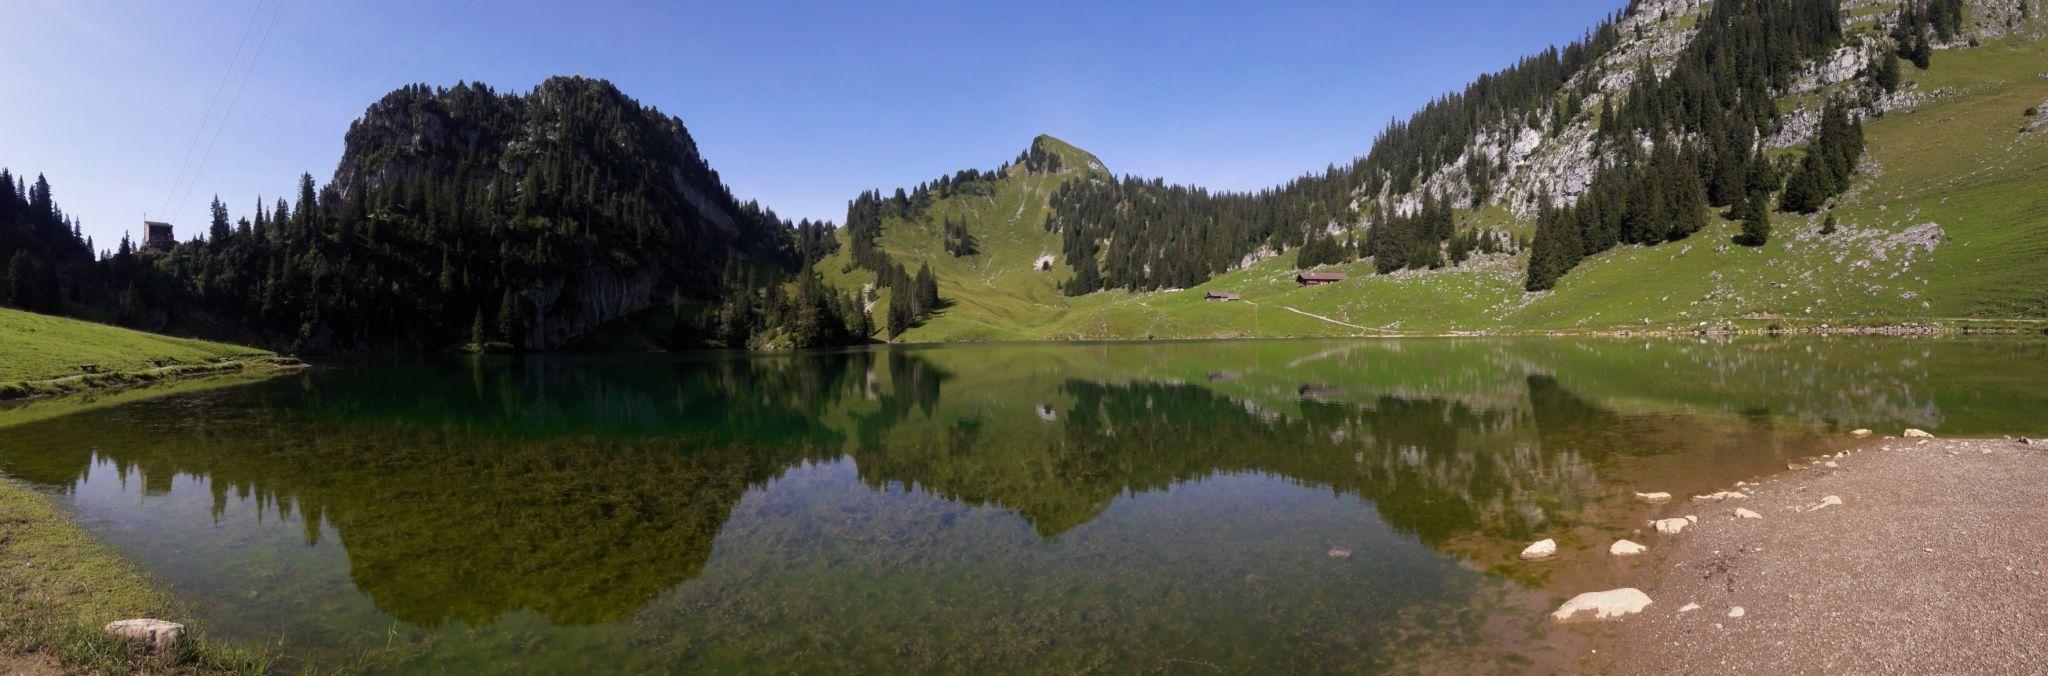 Hinterstockensee, Switzerland